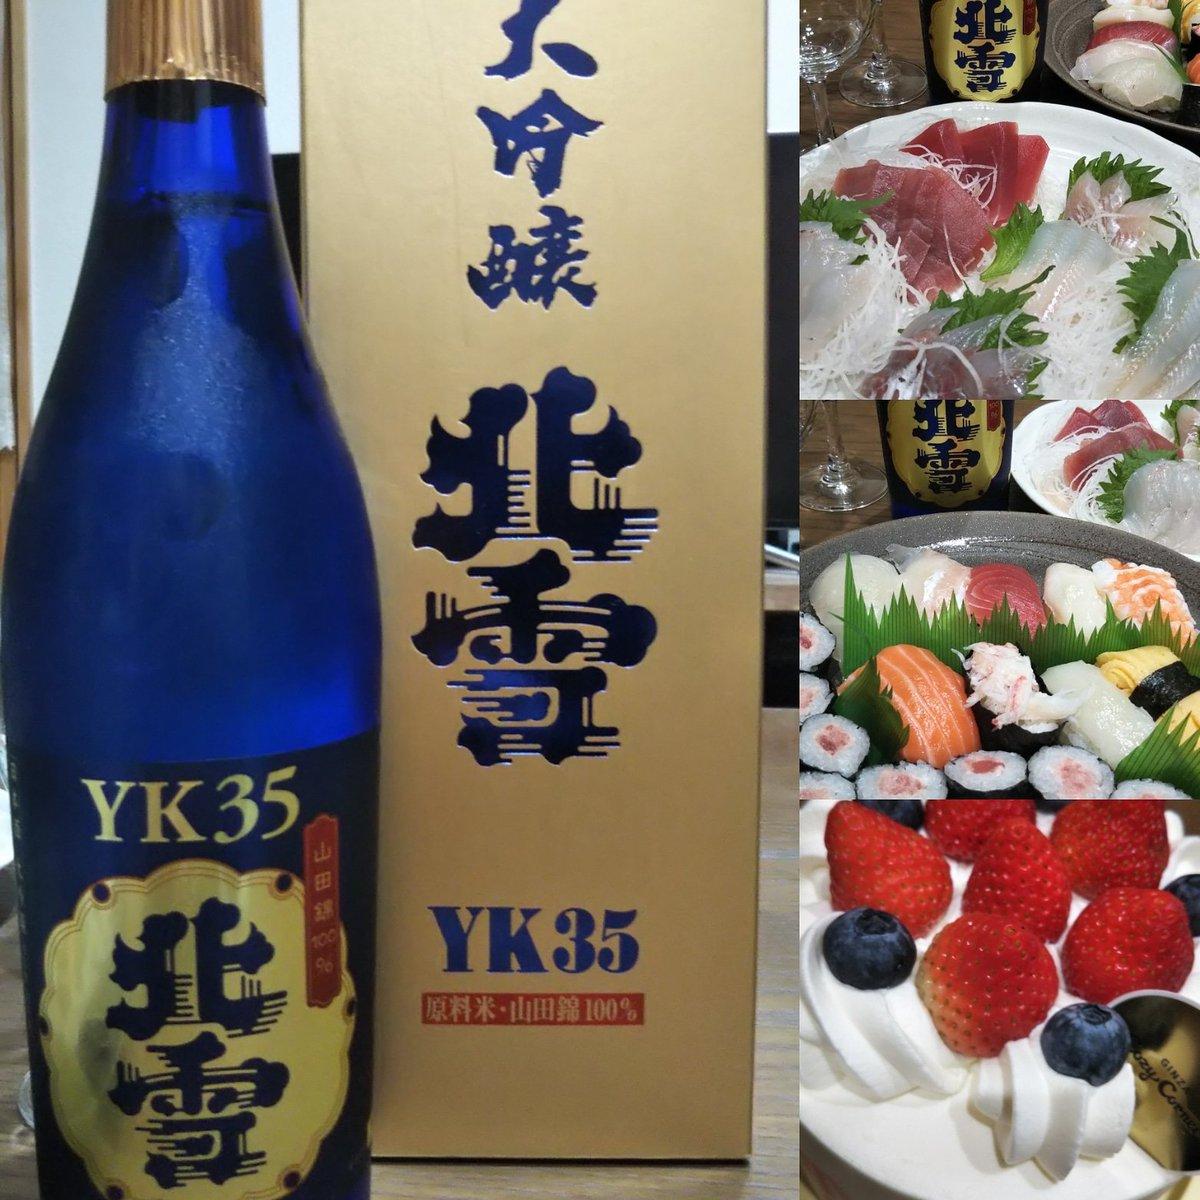 test ツイッターメディア - 先日に子供の誕生日に新潟県佐渡の北雪酒造さんの北雪 大吟醸 YK35を頂きました。香り豊かで味わい深く、とても綺麗で美味しいお酒でした。😋👍 #北雪酒造 #YK35 https://t.co/IhPXE9Nr7X